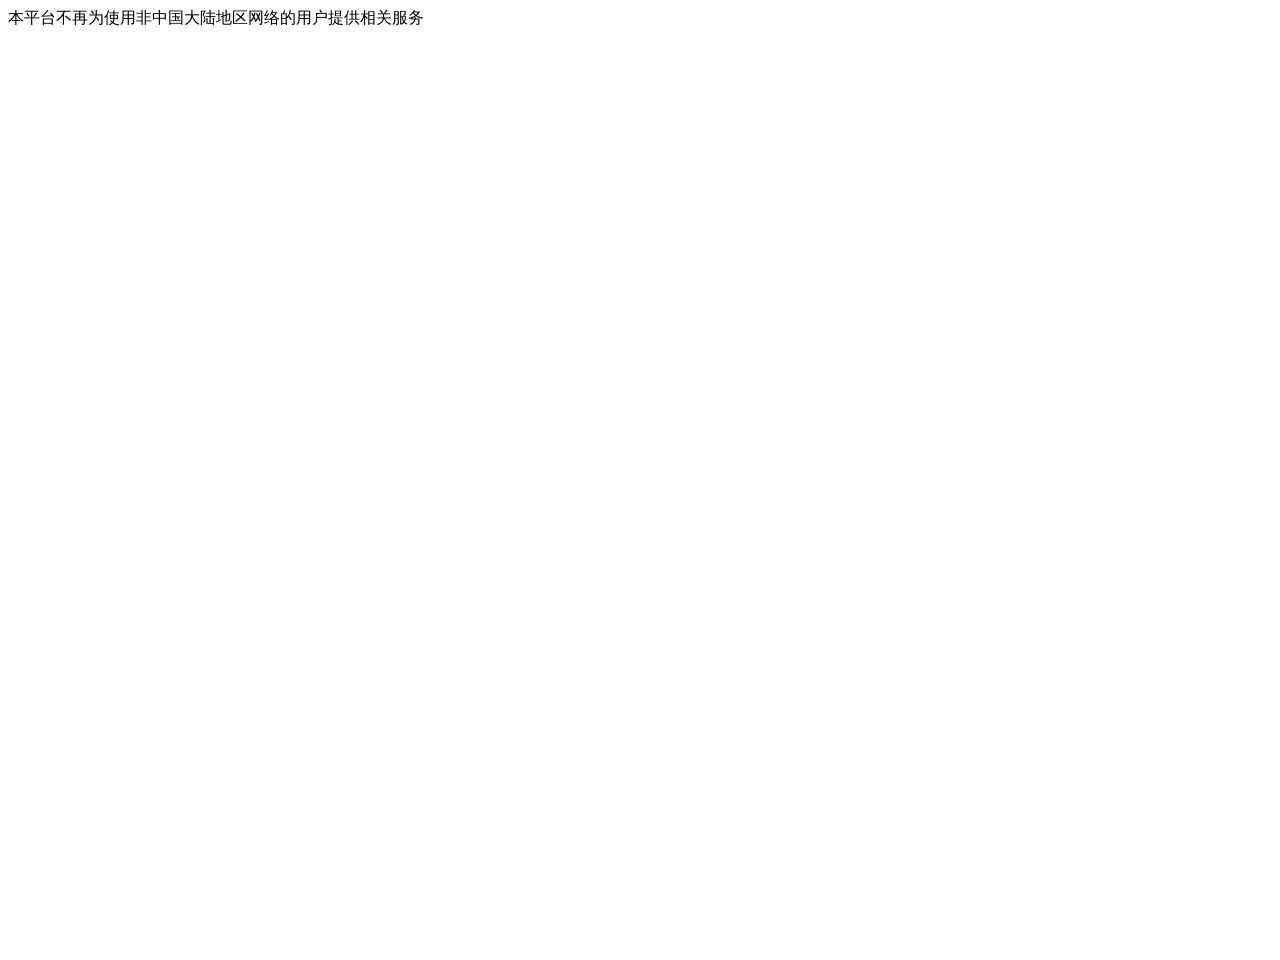 中介网-域名中介_网站中介_第三方中介交易平台-zhongjie